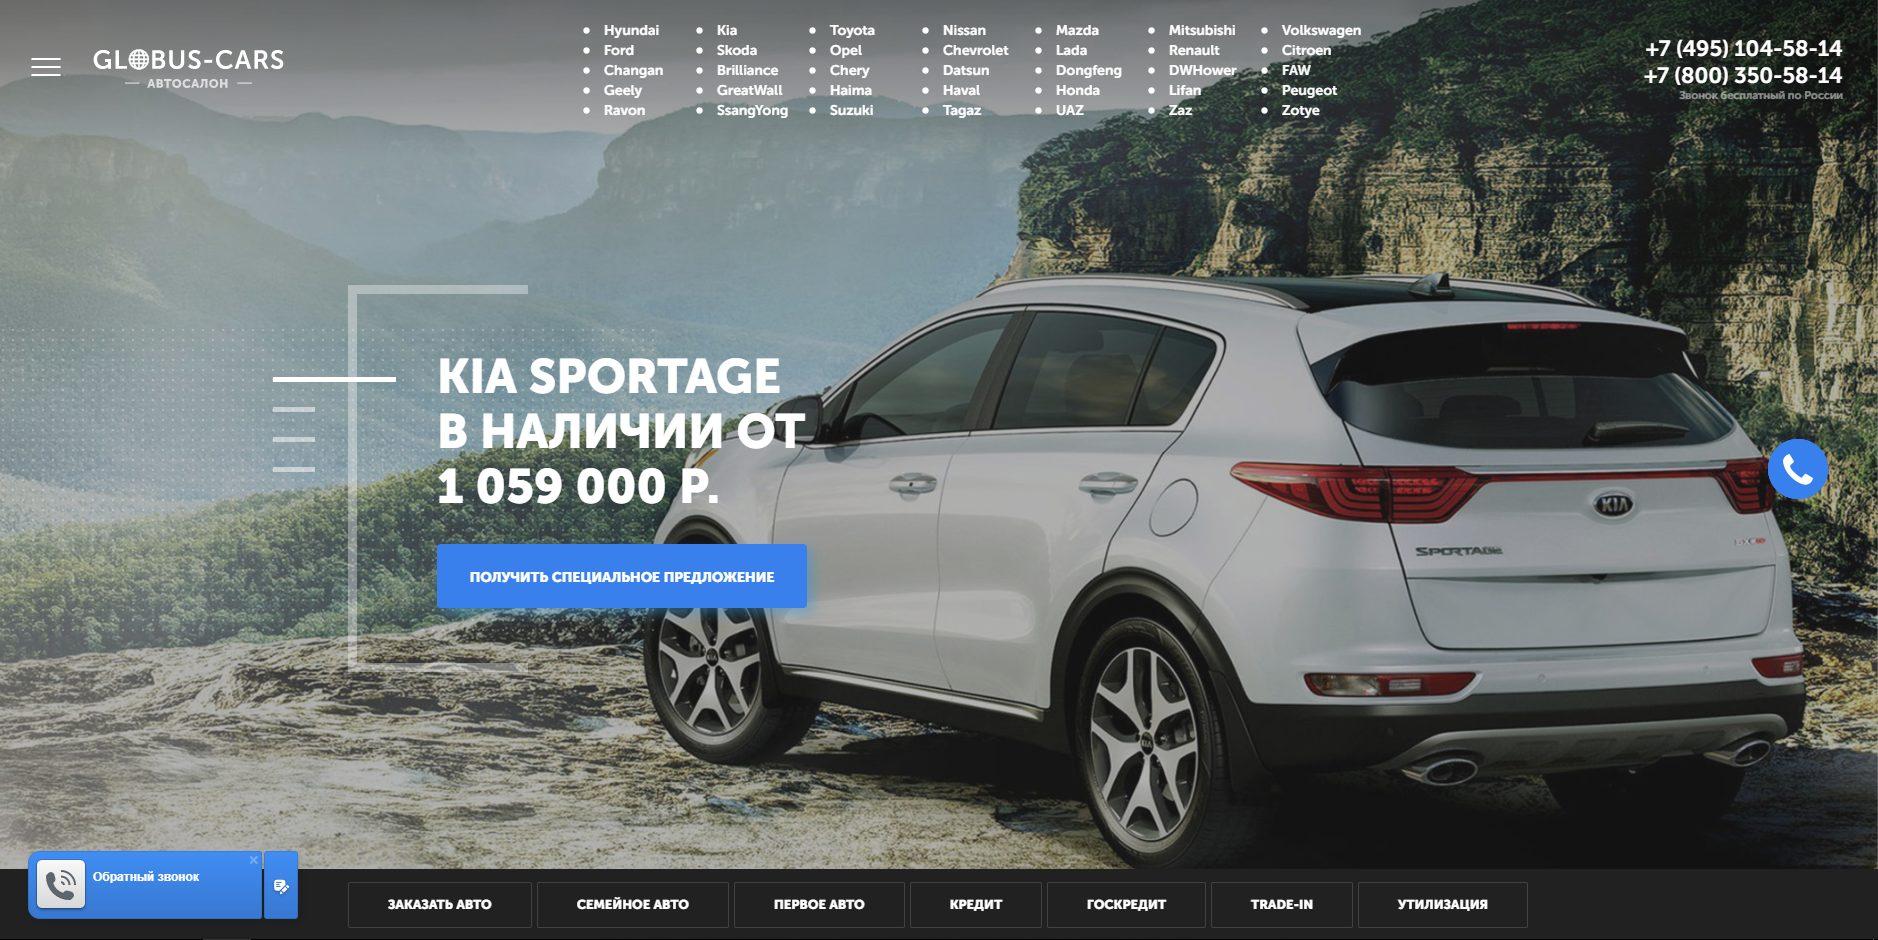 Официальный сайт Globus-Cars